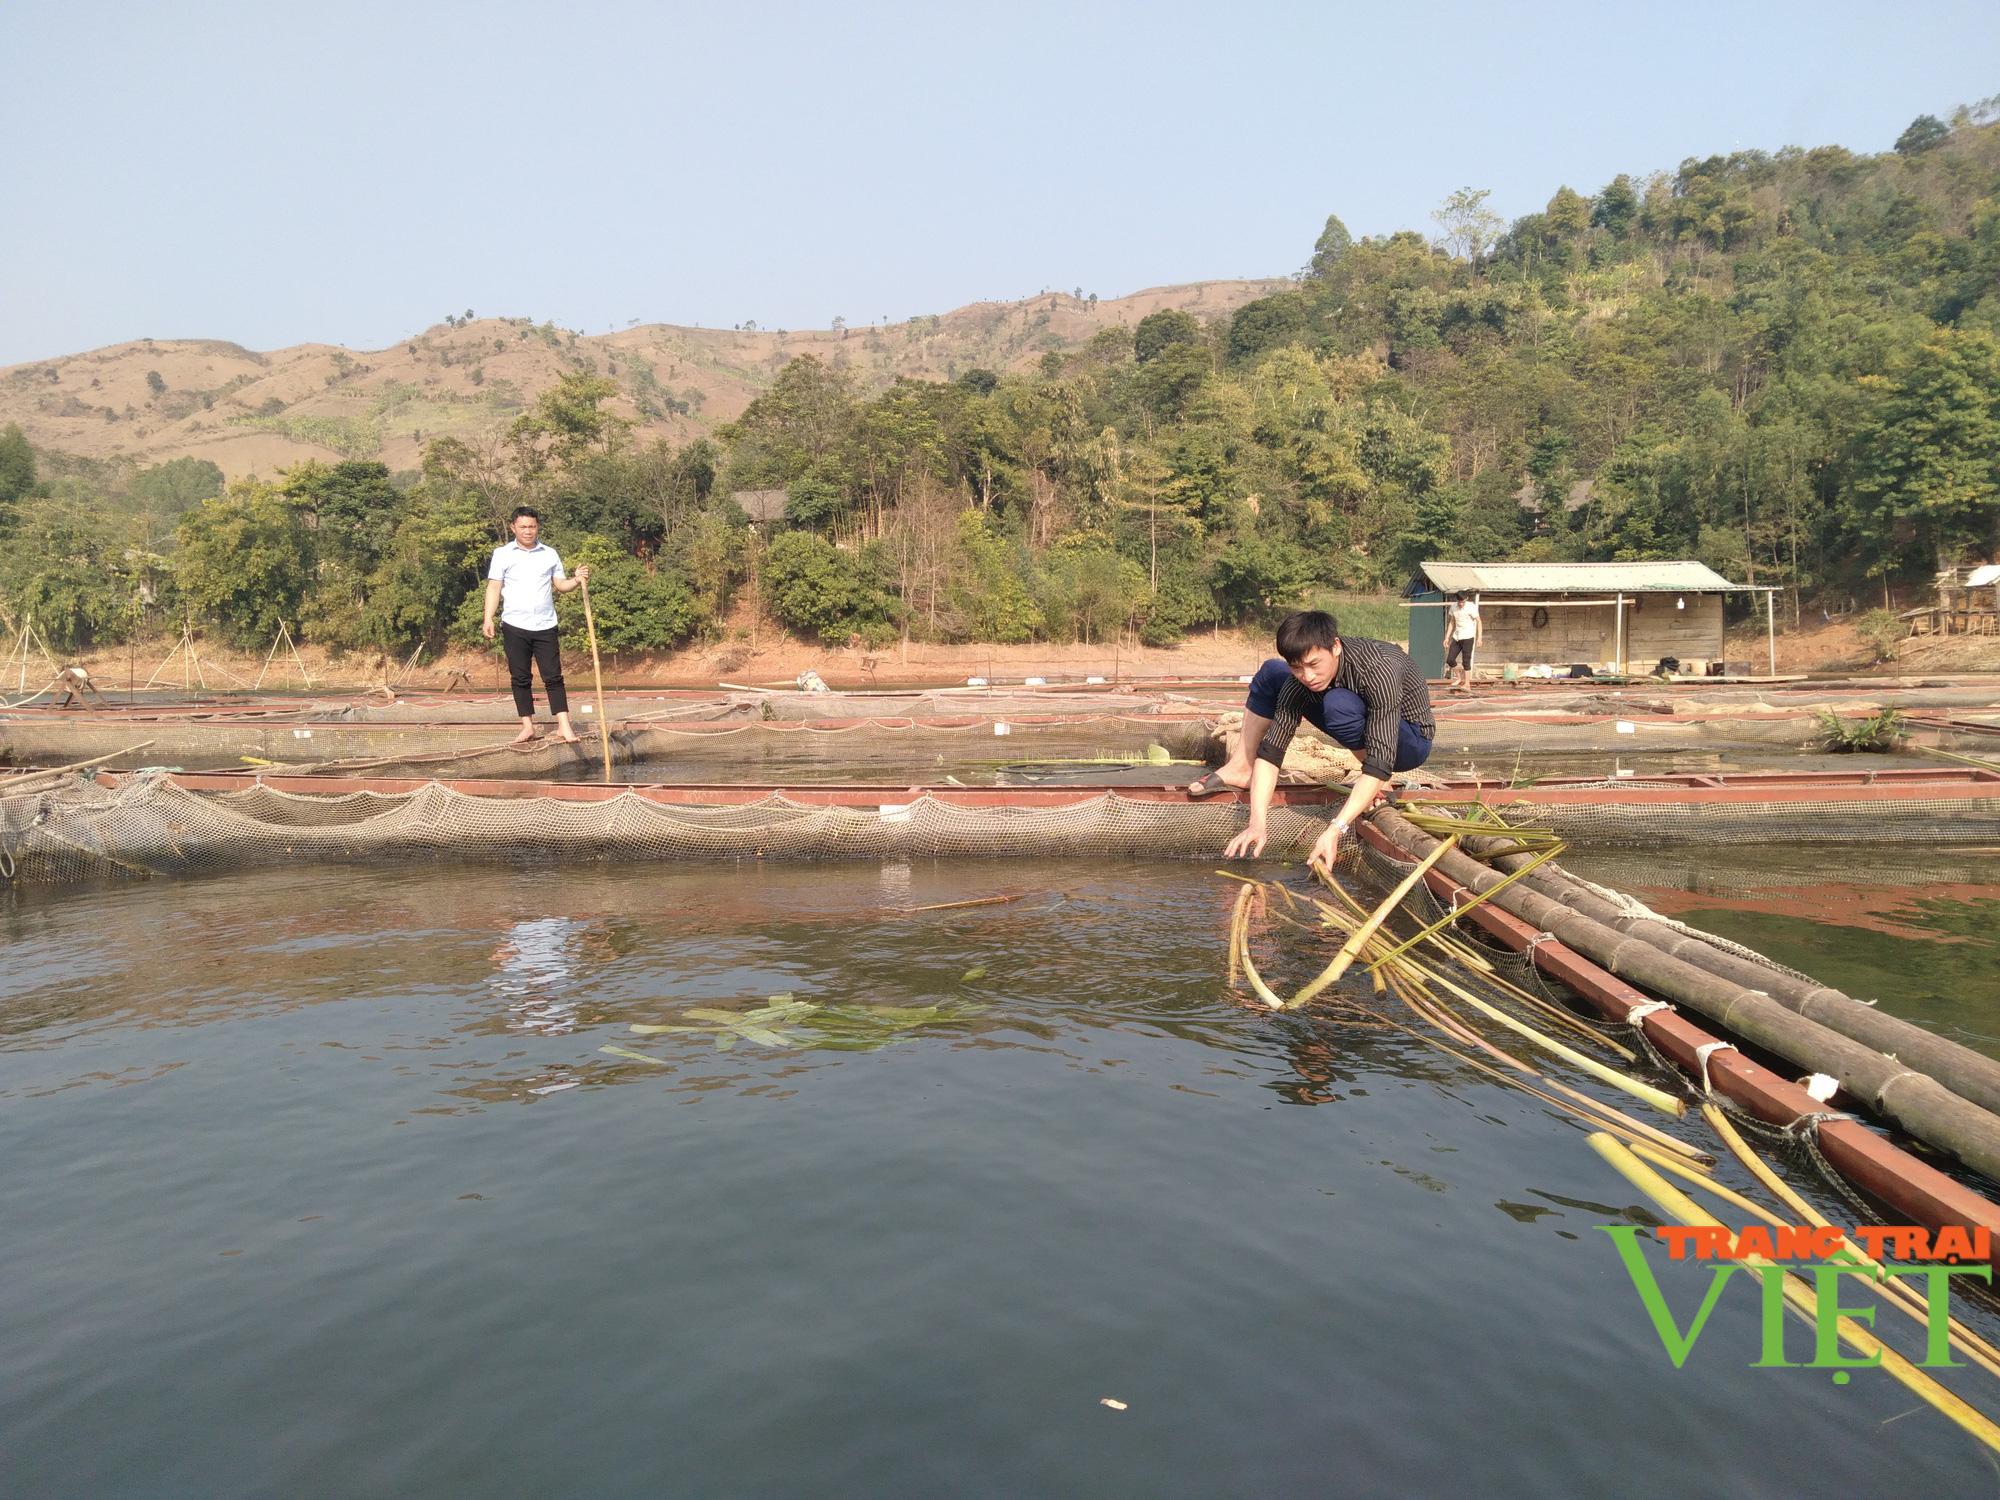 Nuôi cá lồng trên lòng hồ thủy điện Sơn La, người dân bản Ít có thu nhập ổn định  - Ảnh 4.